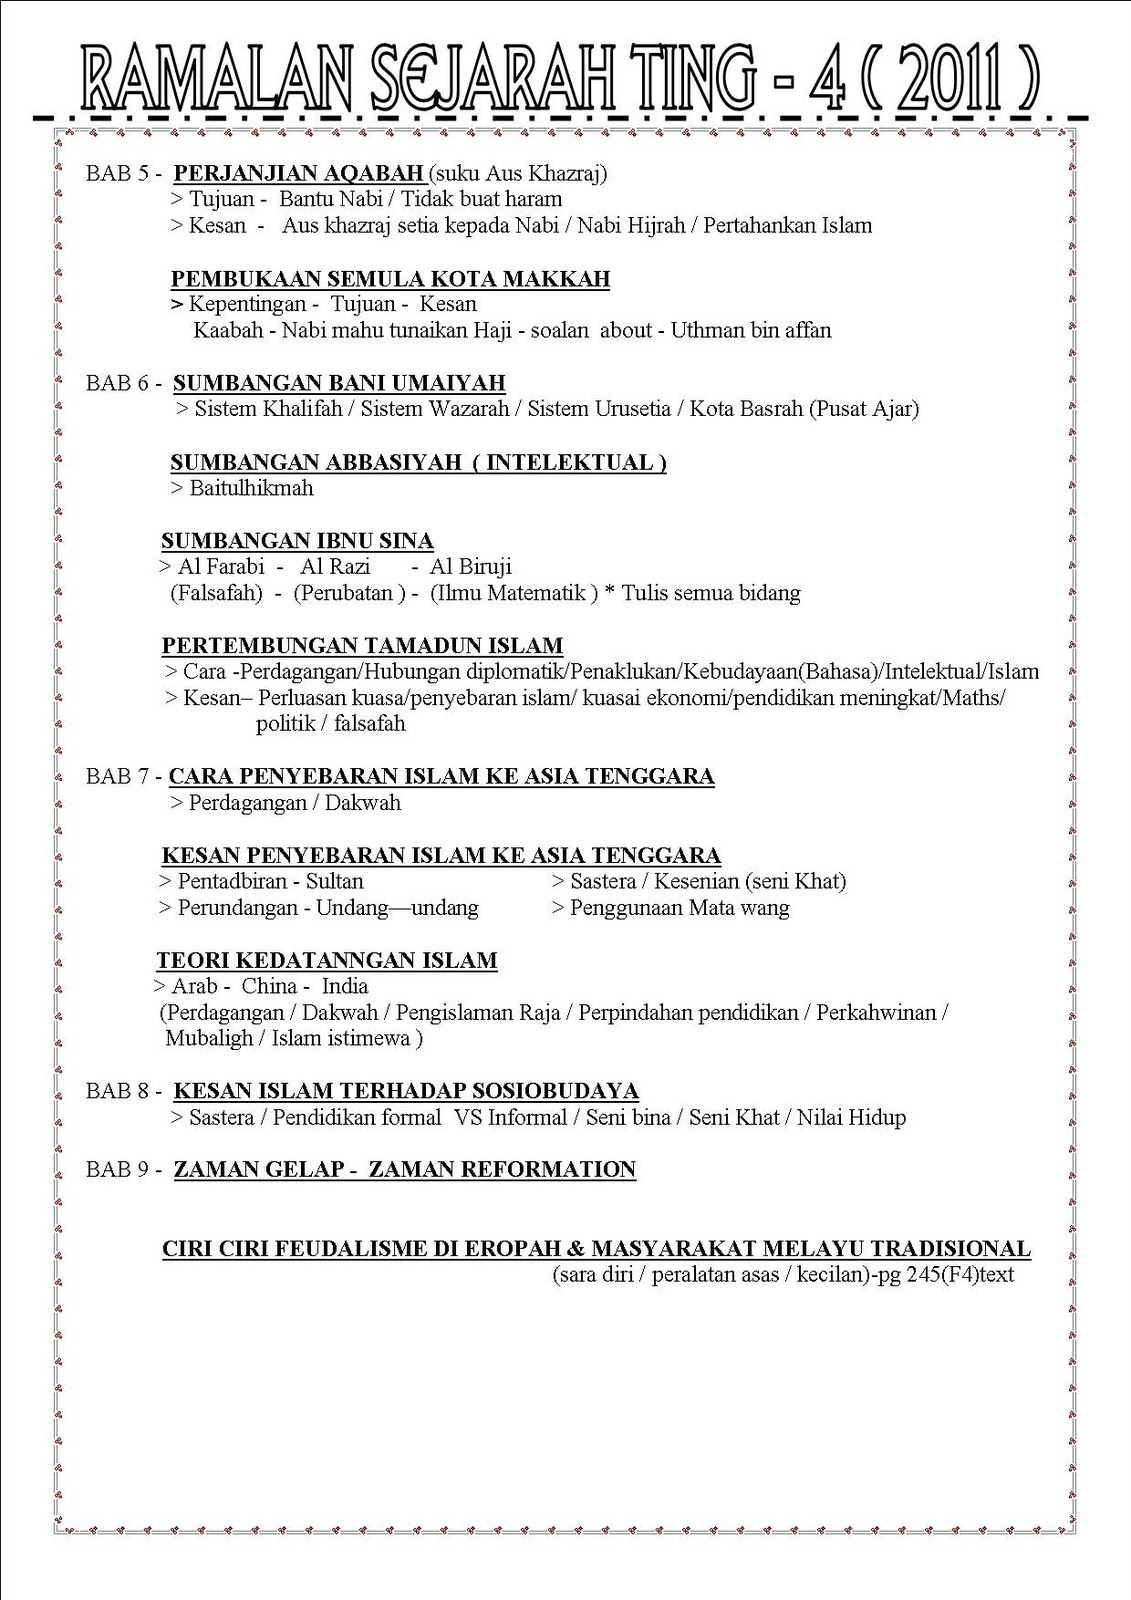 Ramalan Sejarah Spm 2011